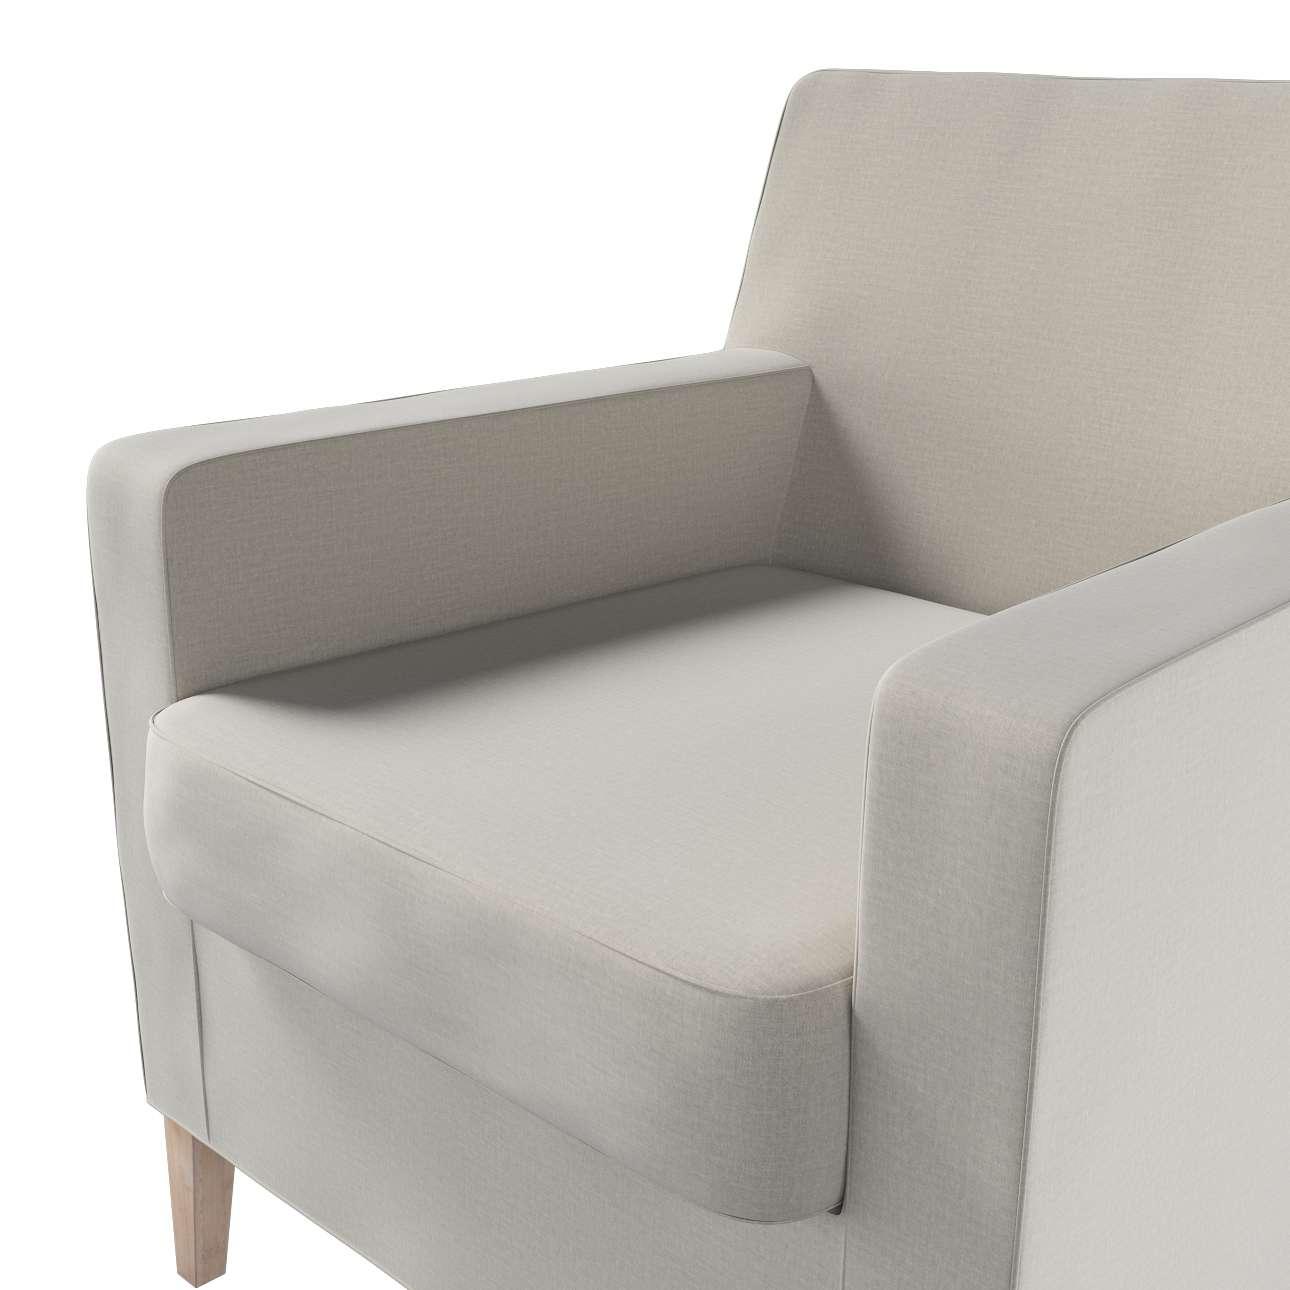 Karlstad nojatuoli, korkea mallistosta Ingrid, Kangas: 705-40